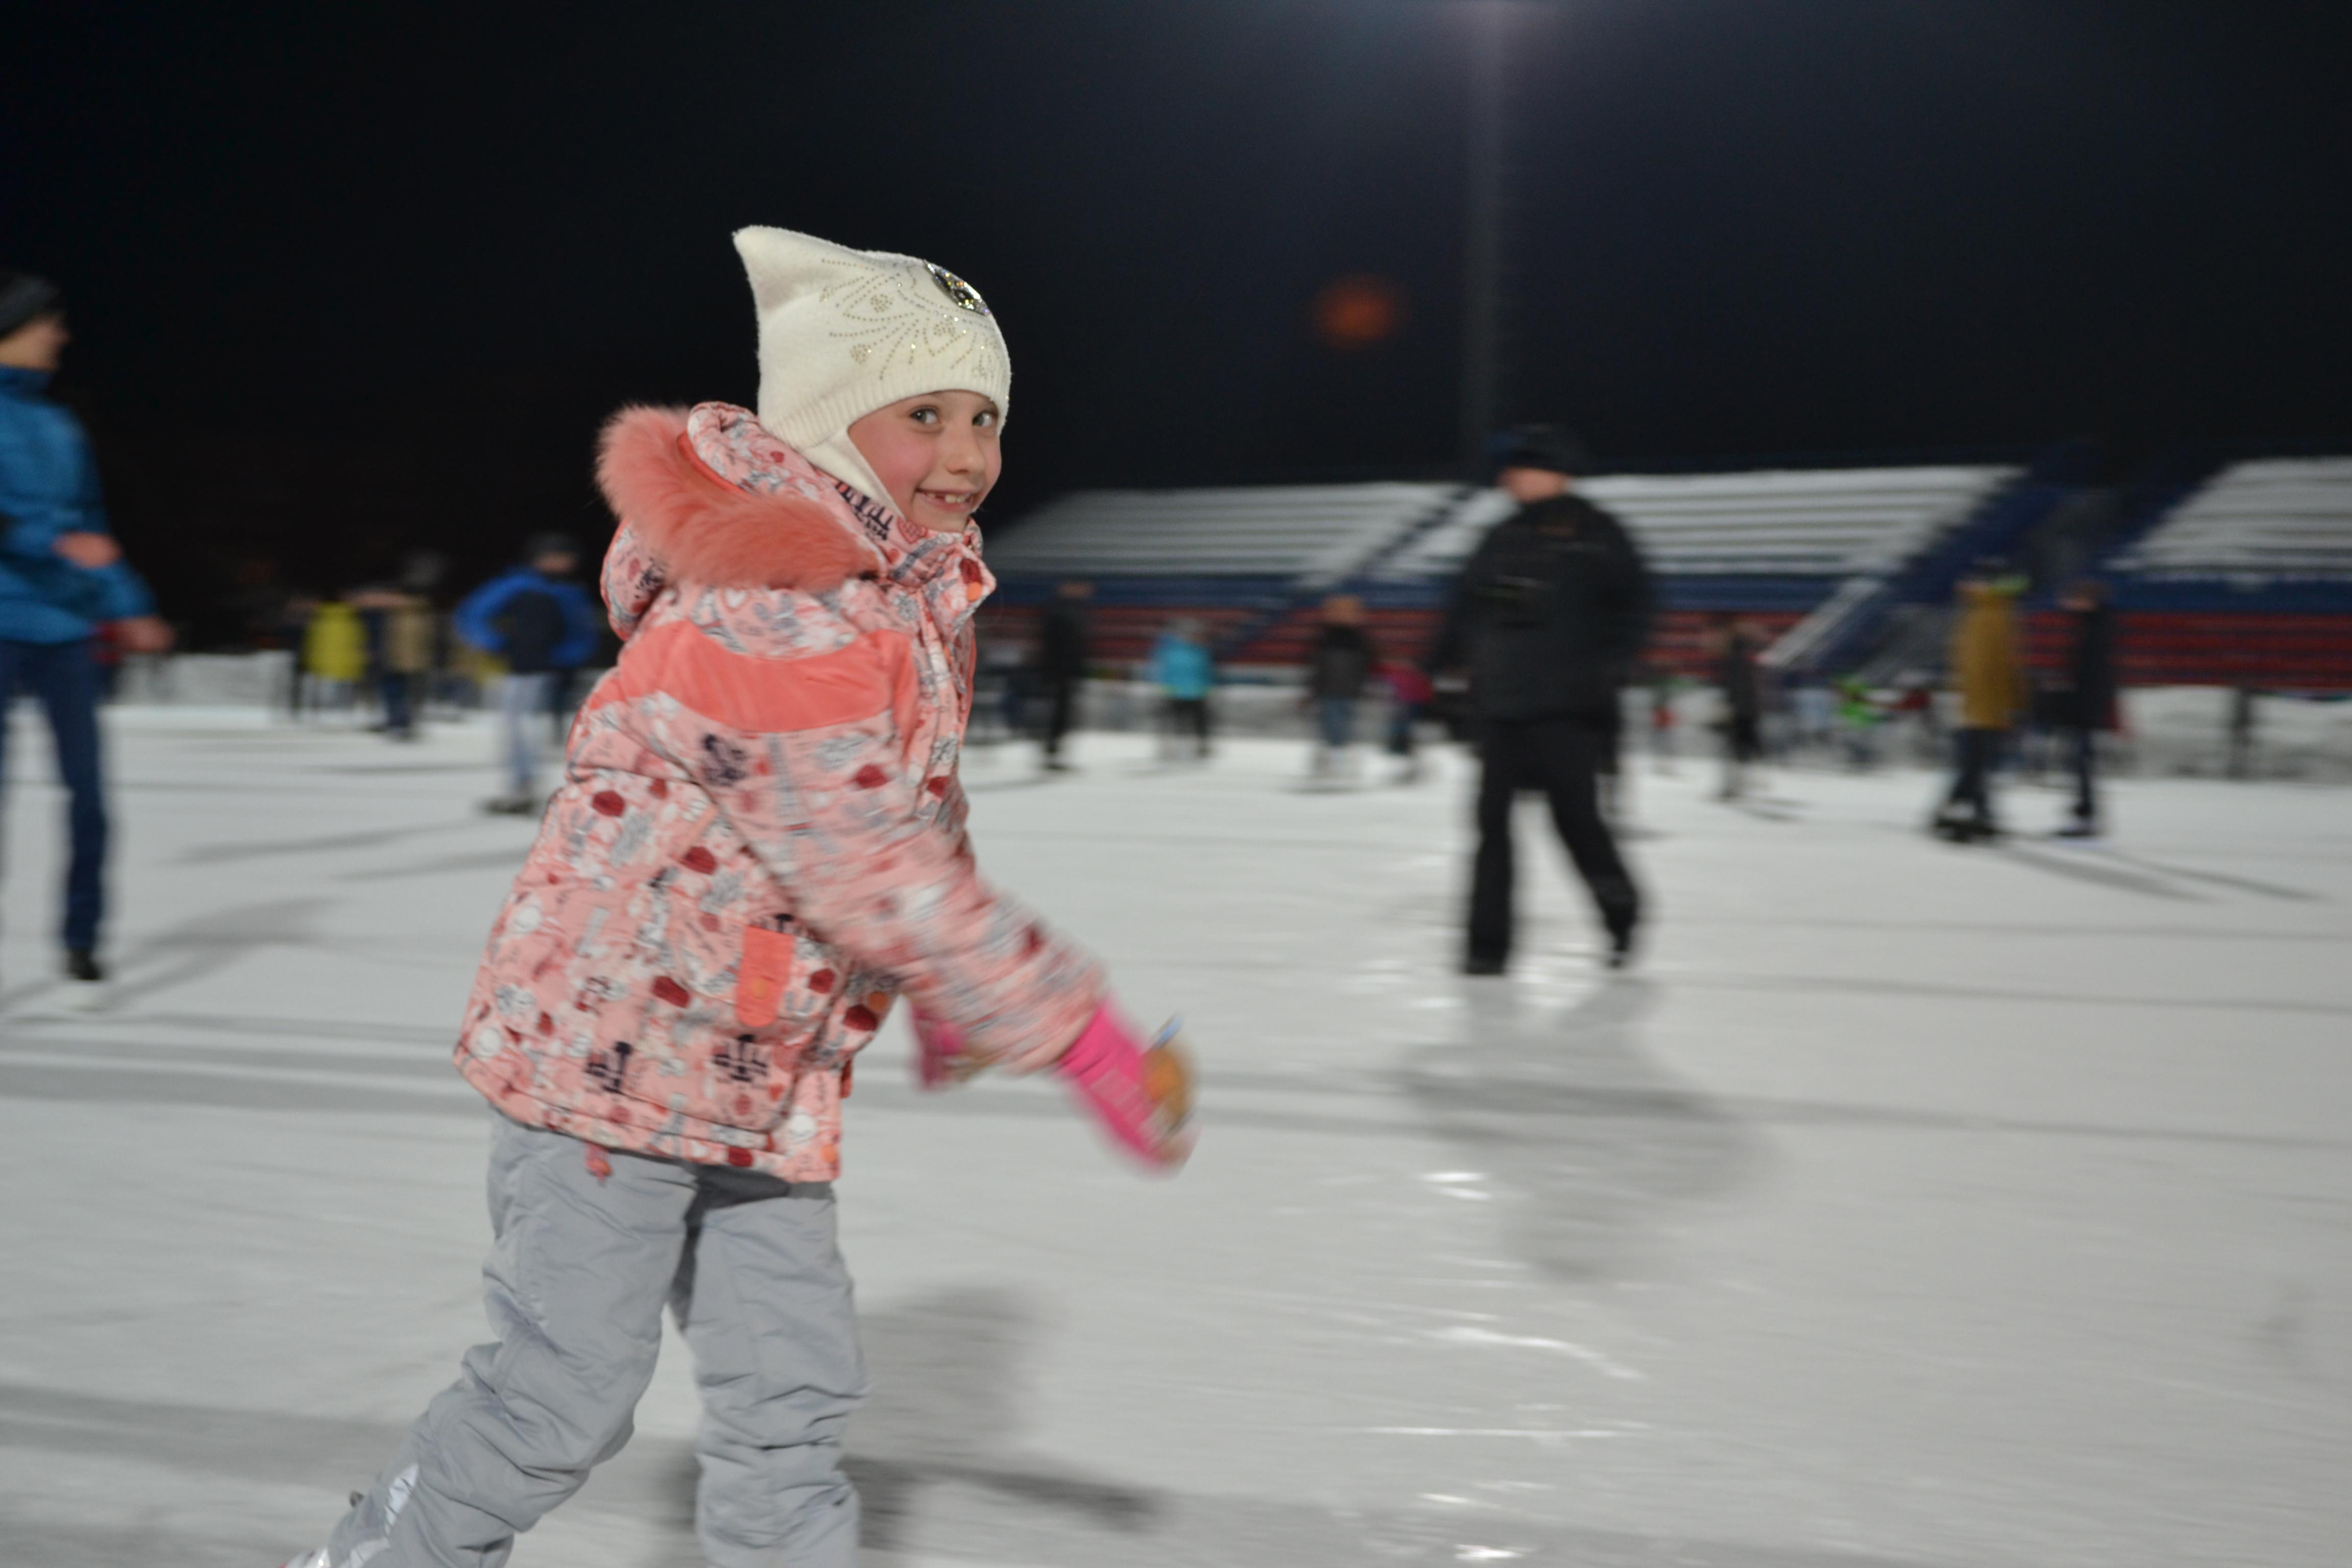 2017 5 7 вечер на коньках3 - Оренбург осваивает коньки